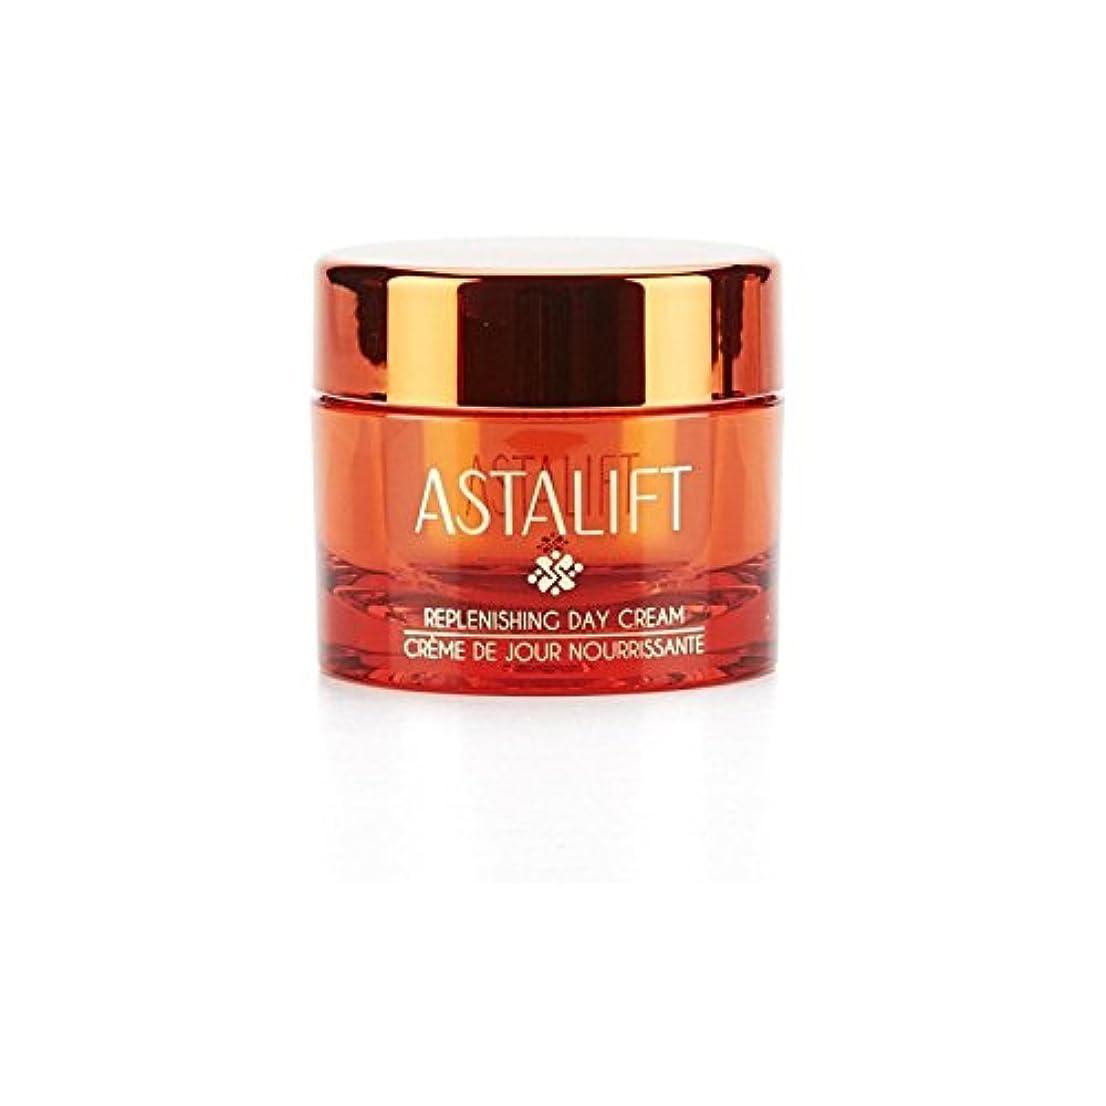 楽観的笑いサッカーアスタリフト補充デイクリーム(30グラム) x2 - Astalift Replenishing Day Cream (30G) (Pack of 2) [並行輸入品]